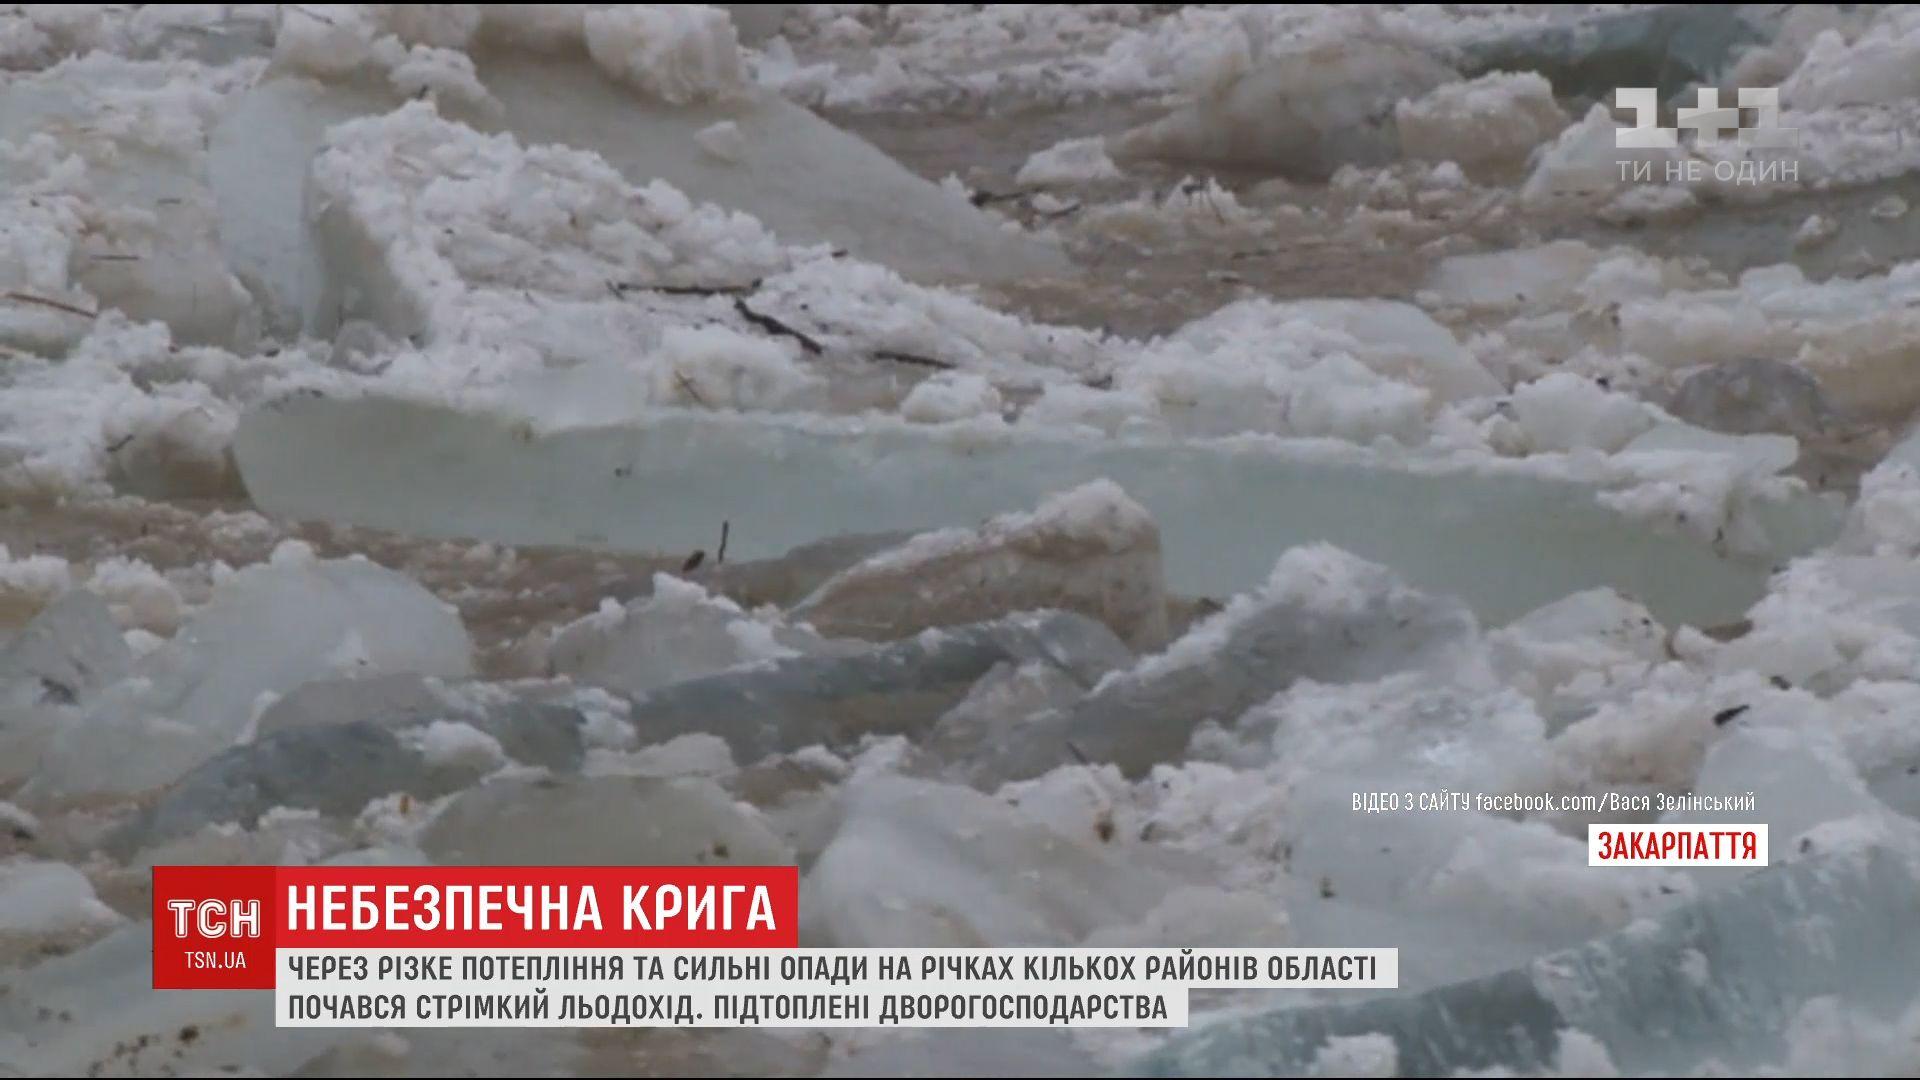 Ледяные пробки и снесенный мост: на реках Закарпатья начался стремительный ледоход /